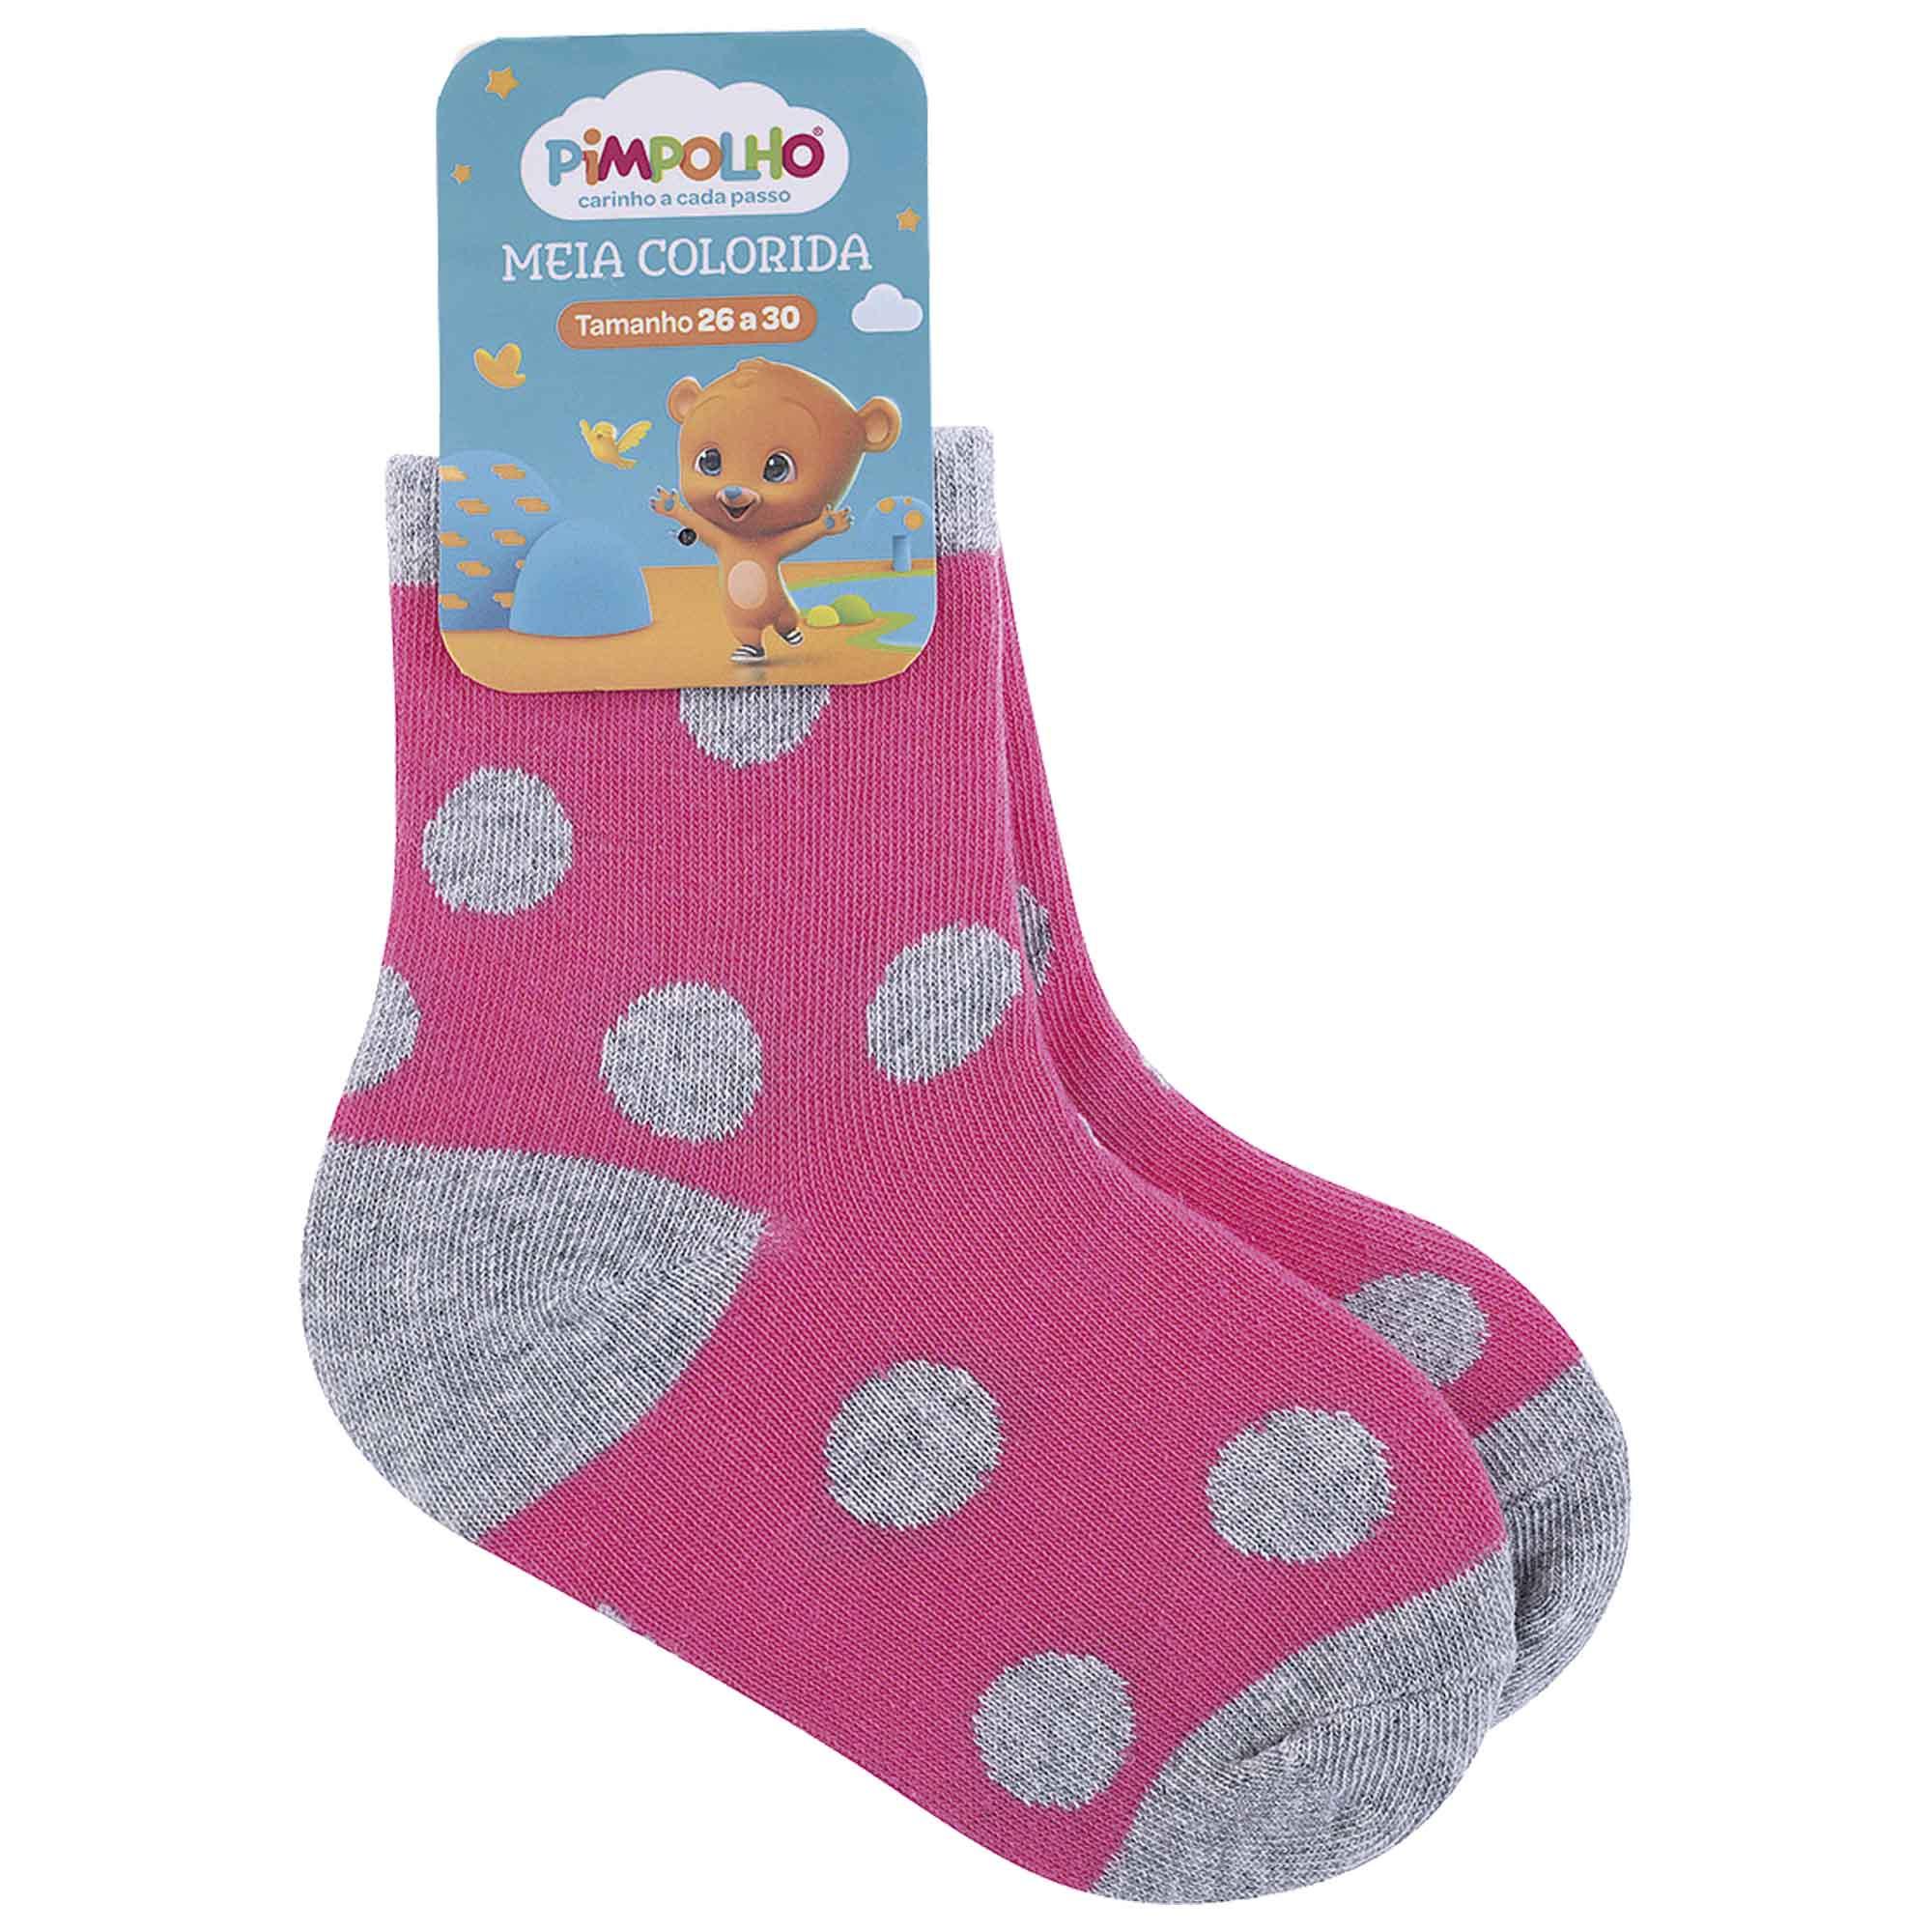 Meia Infantil Pimpolho Colorida Estampada - 26 ao 30